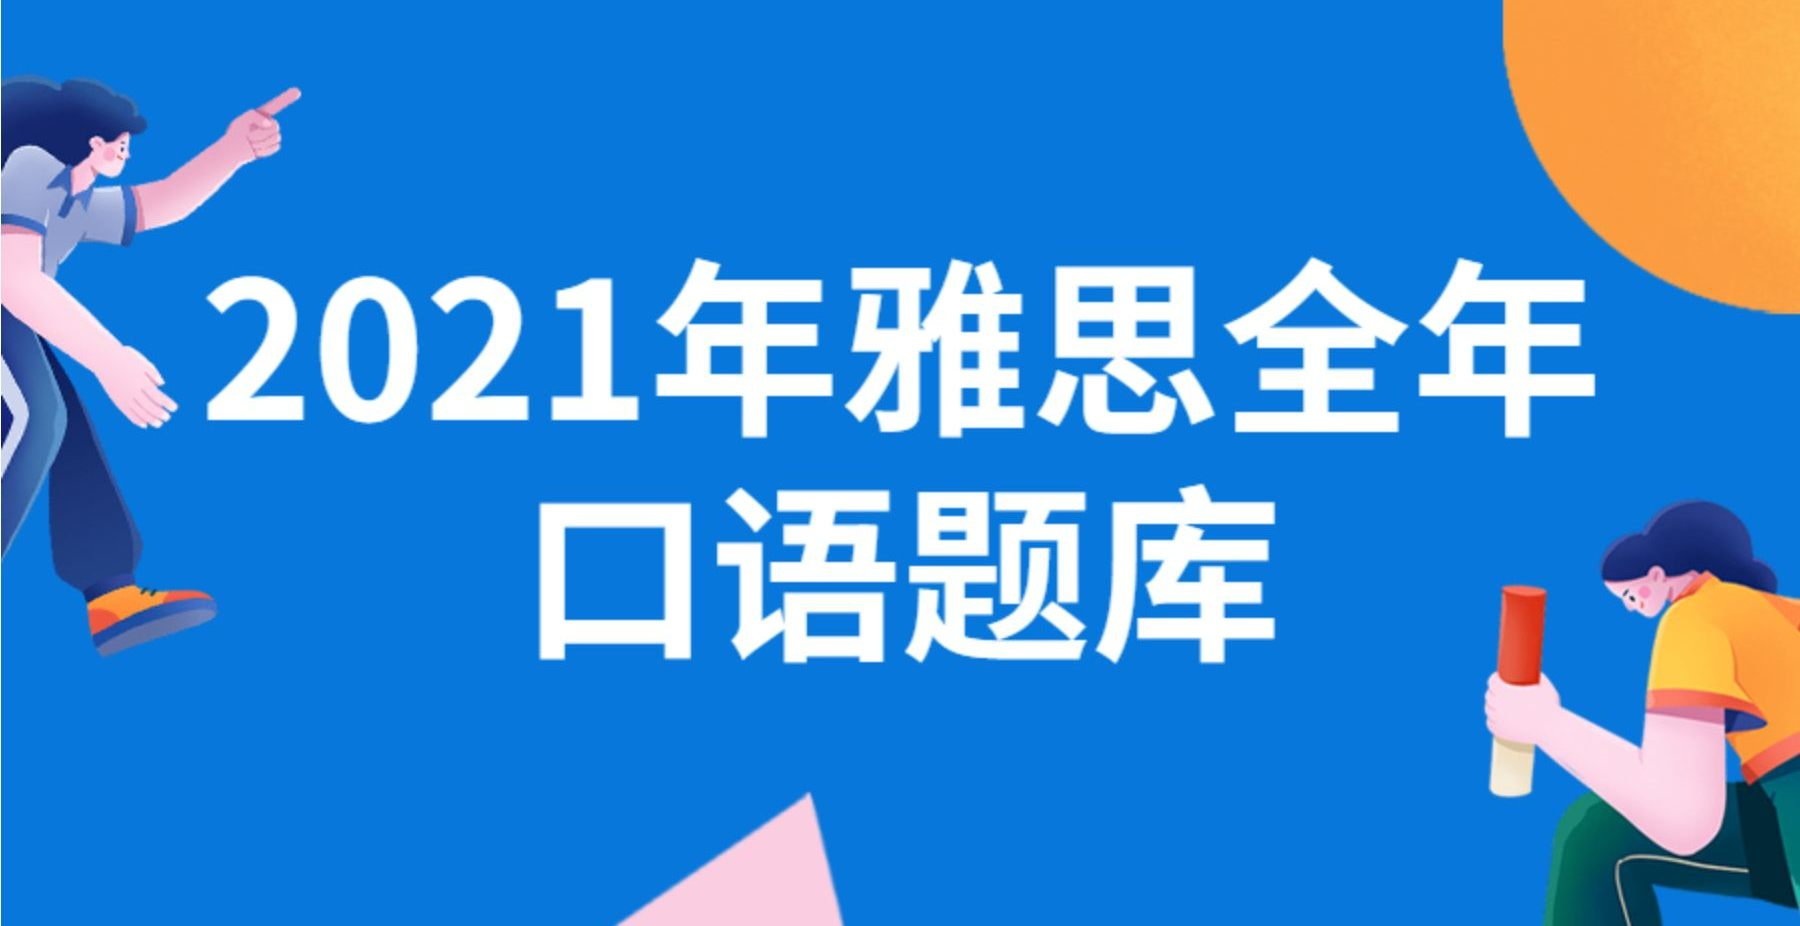 2021年雅思全年口语题库汇总